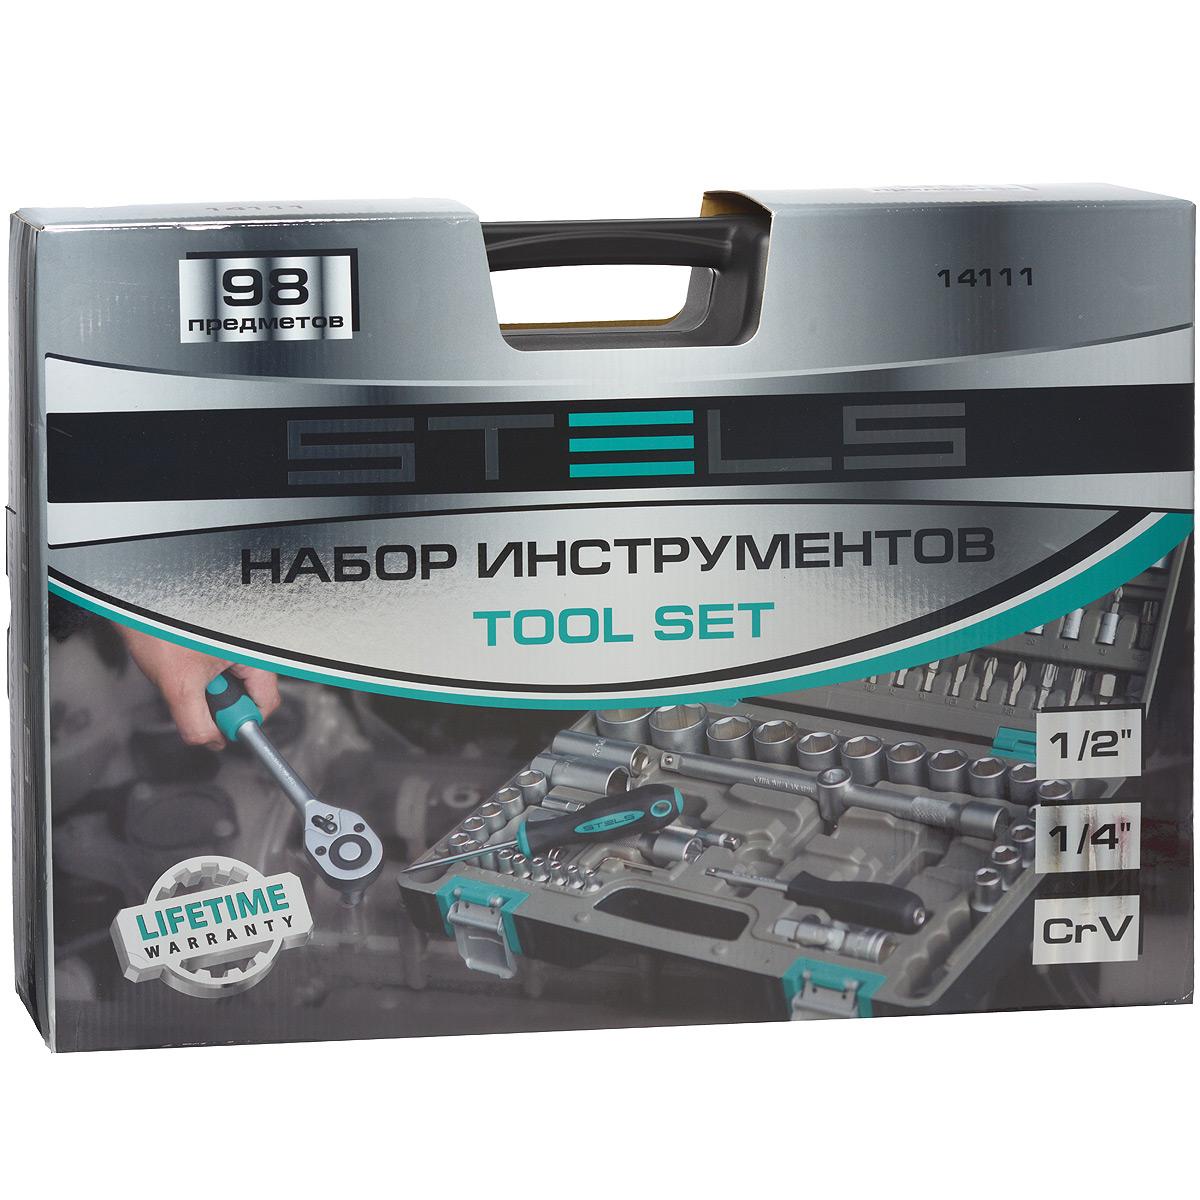 Набор инструментов Stels, 98 предметов14111Набор инструментов торговой марки Stels разработан специально для автолюбителей и центров технического обслуживания. Каждый этап производства контролируется в соответствии с международными стандартами. Головки и комбинированные ключи изготовлены из хромованадиевой стали, придающей инструменту исключительную твердость в сочетании с легкостью. Набор упакован в кейс, изготовленный из жесткого противоударного пластика. Состав набора: Ключ трещоточный: 1/2, 1/4. Головки торцевые 1/2: 12 мм, 13 мм, 14 мм, 16 мм, 17 мм, 18 мм, 19 мм, 20 мм, 22 мм, 24 мм, 27 мм, 30 мм, 32 мм. Головки торцевые 1/4: 4 мм, 4,5 мм, 5 мм, 5,5 мм, 6 мм, 7 мм, 8 мм, 9 мм, 10 мм, 11 мм, 12 мм, 13 мм, 14 мм. Ключи комбинированные: 8 мм, 9 мм, 10 мм, 11 мм, 12 мм, 13 мм, 14 мм, 15 мм, 17 мм, 19 мм. Кардан: 1/2, 14. Удлинитель 1/2: 125 мм. Удлинитель 1/4: 50 мм, 100 мм. Молоток: 300 г. Пассатижи: 175 мм. Ключи угловые шестигранные: 1,5 мм, 2...